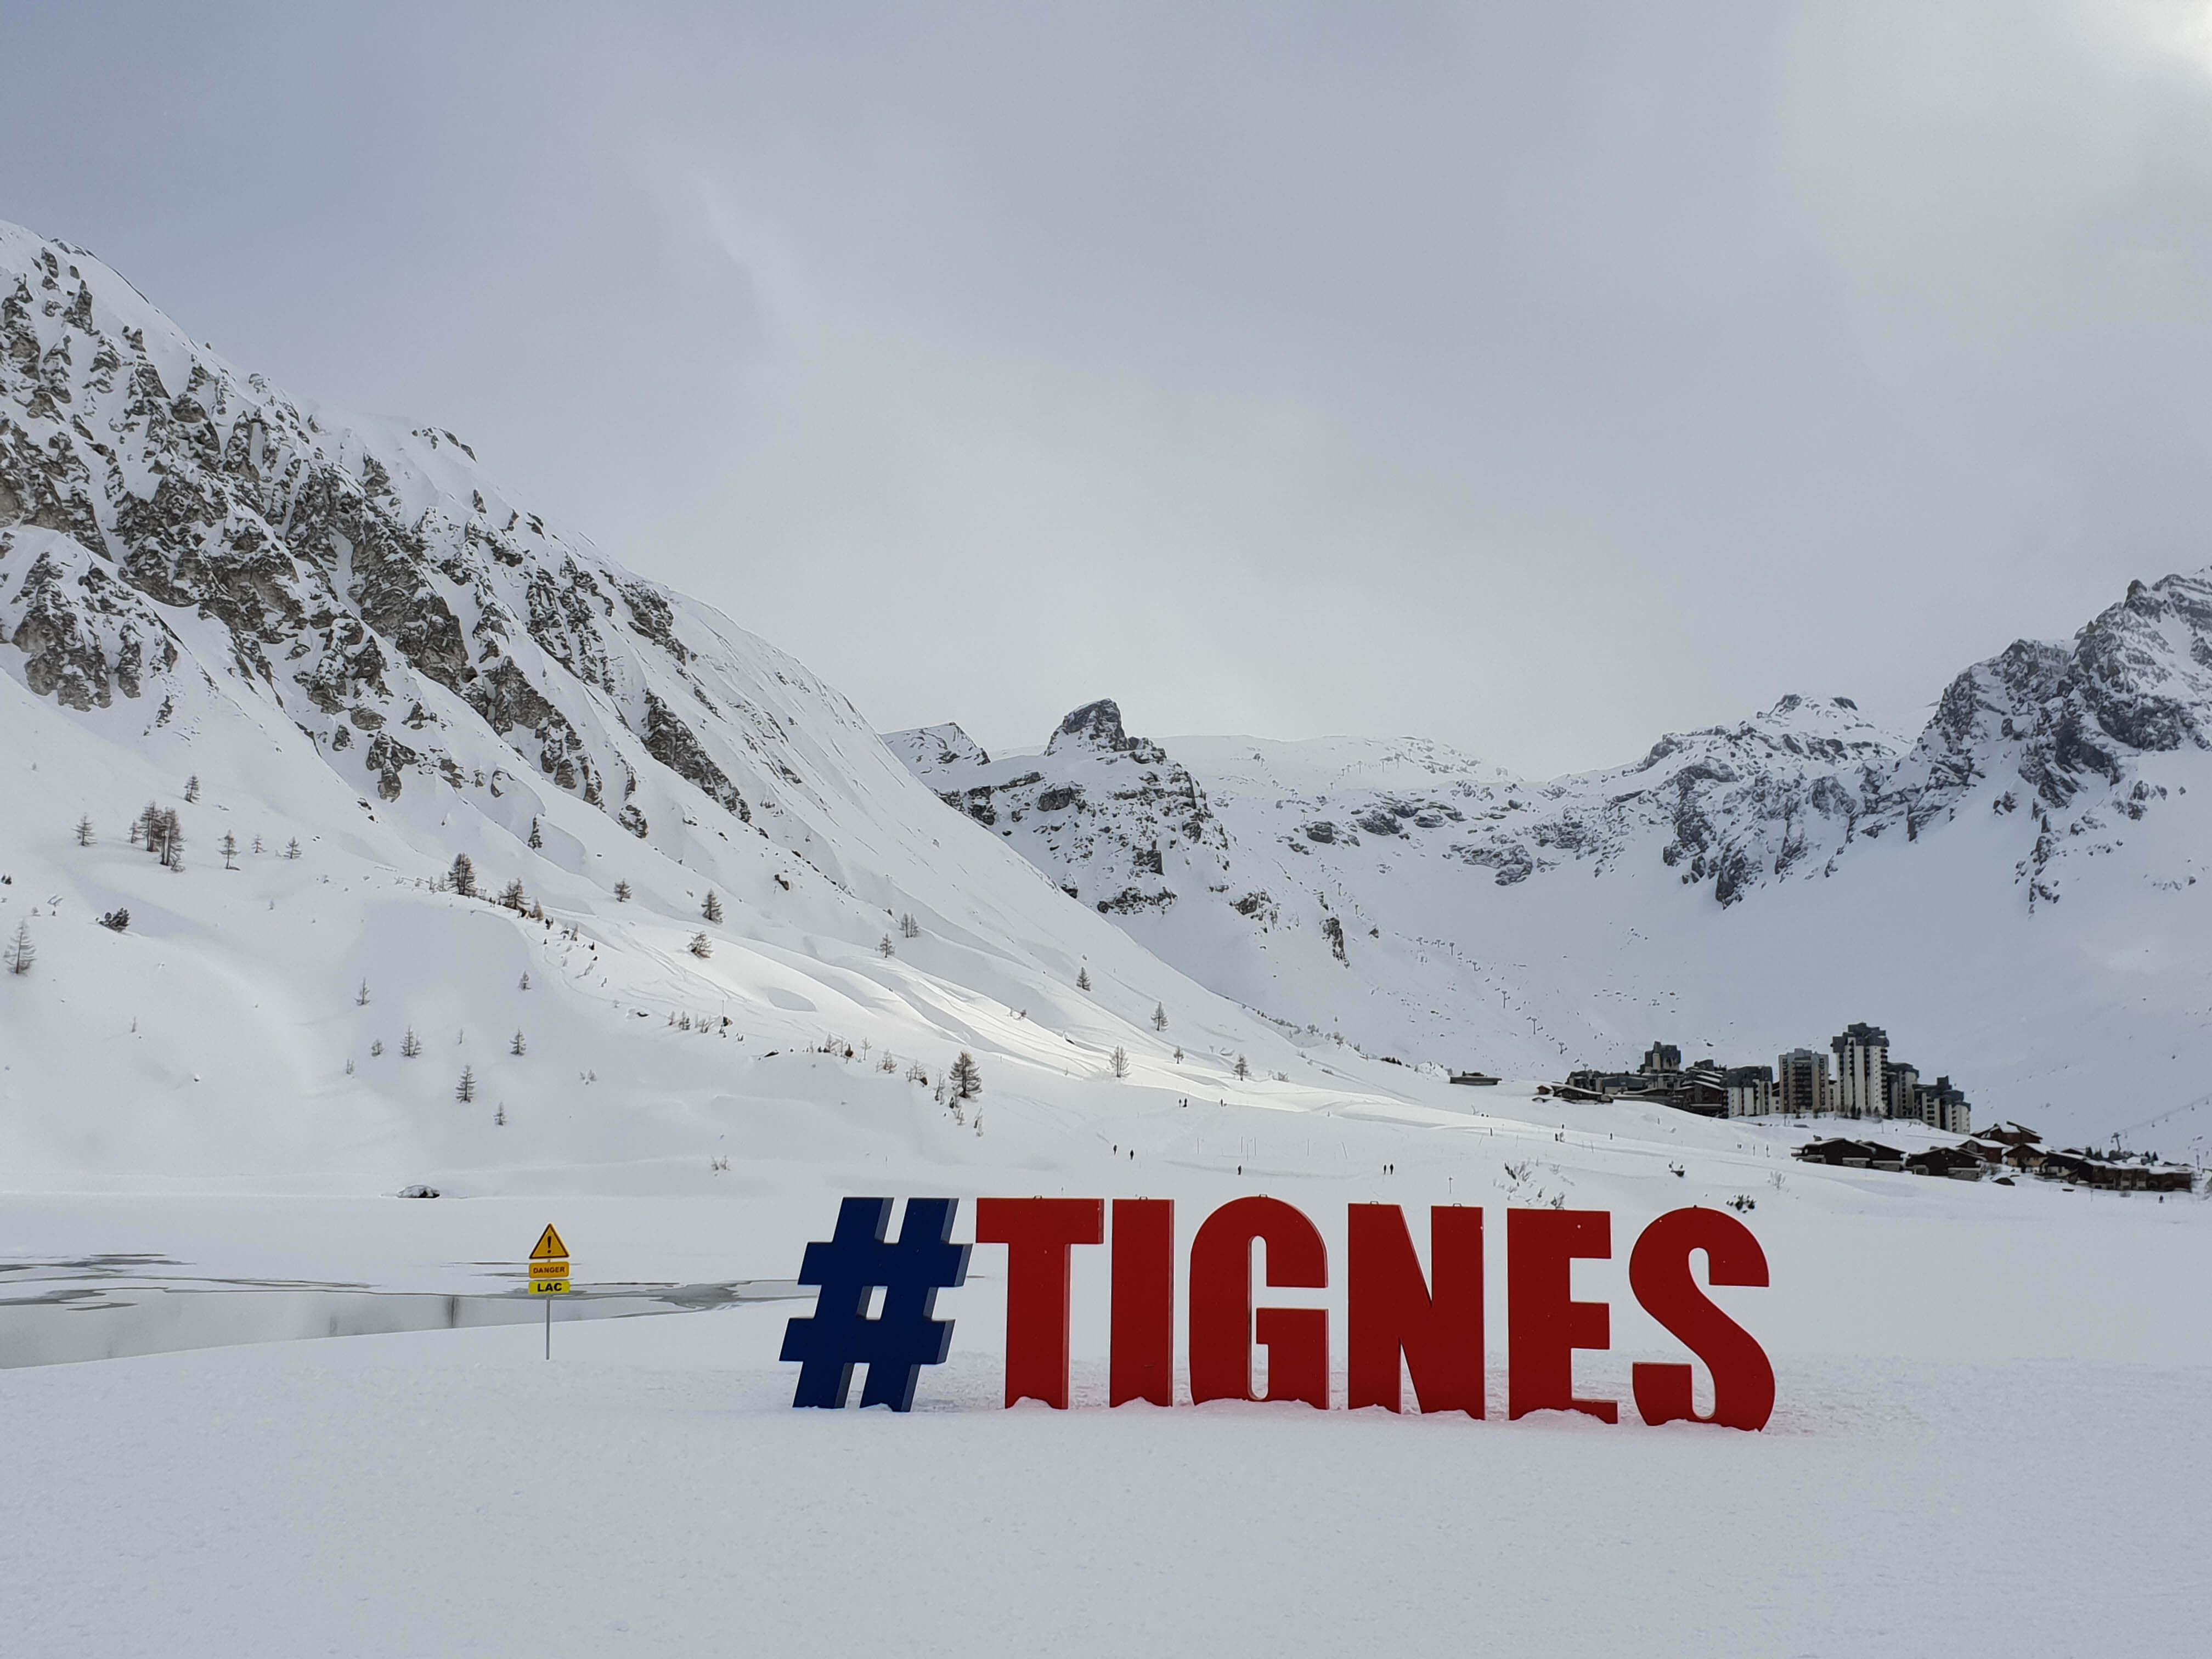 Wat te doen in Tignes Frankrijk Wintersport